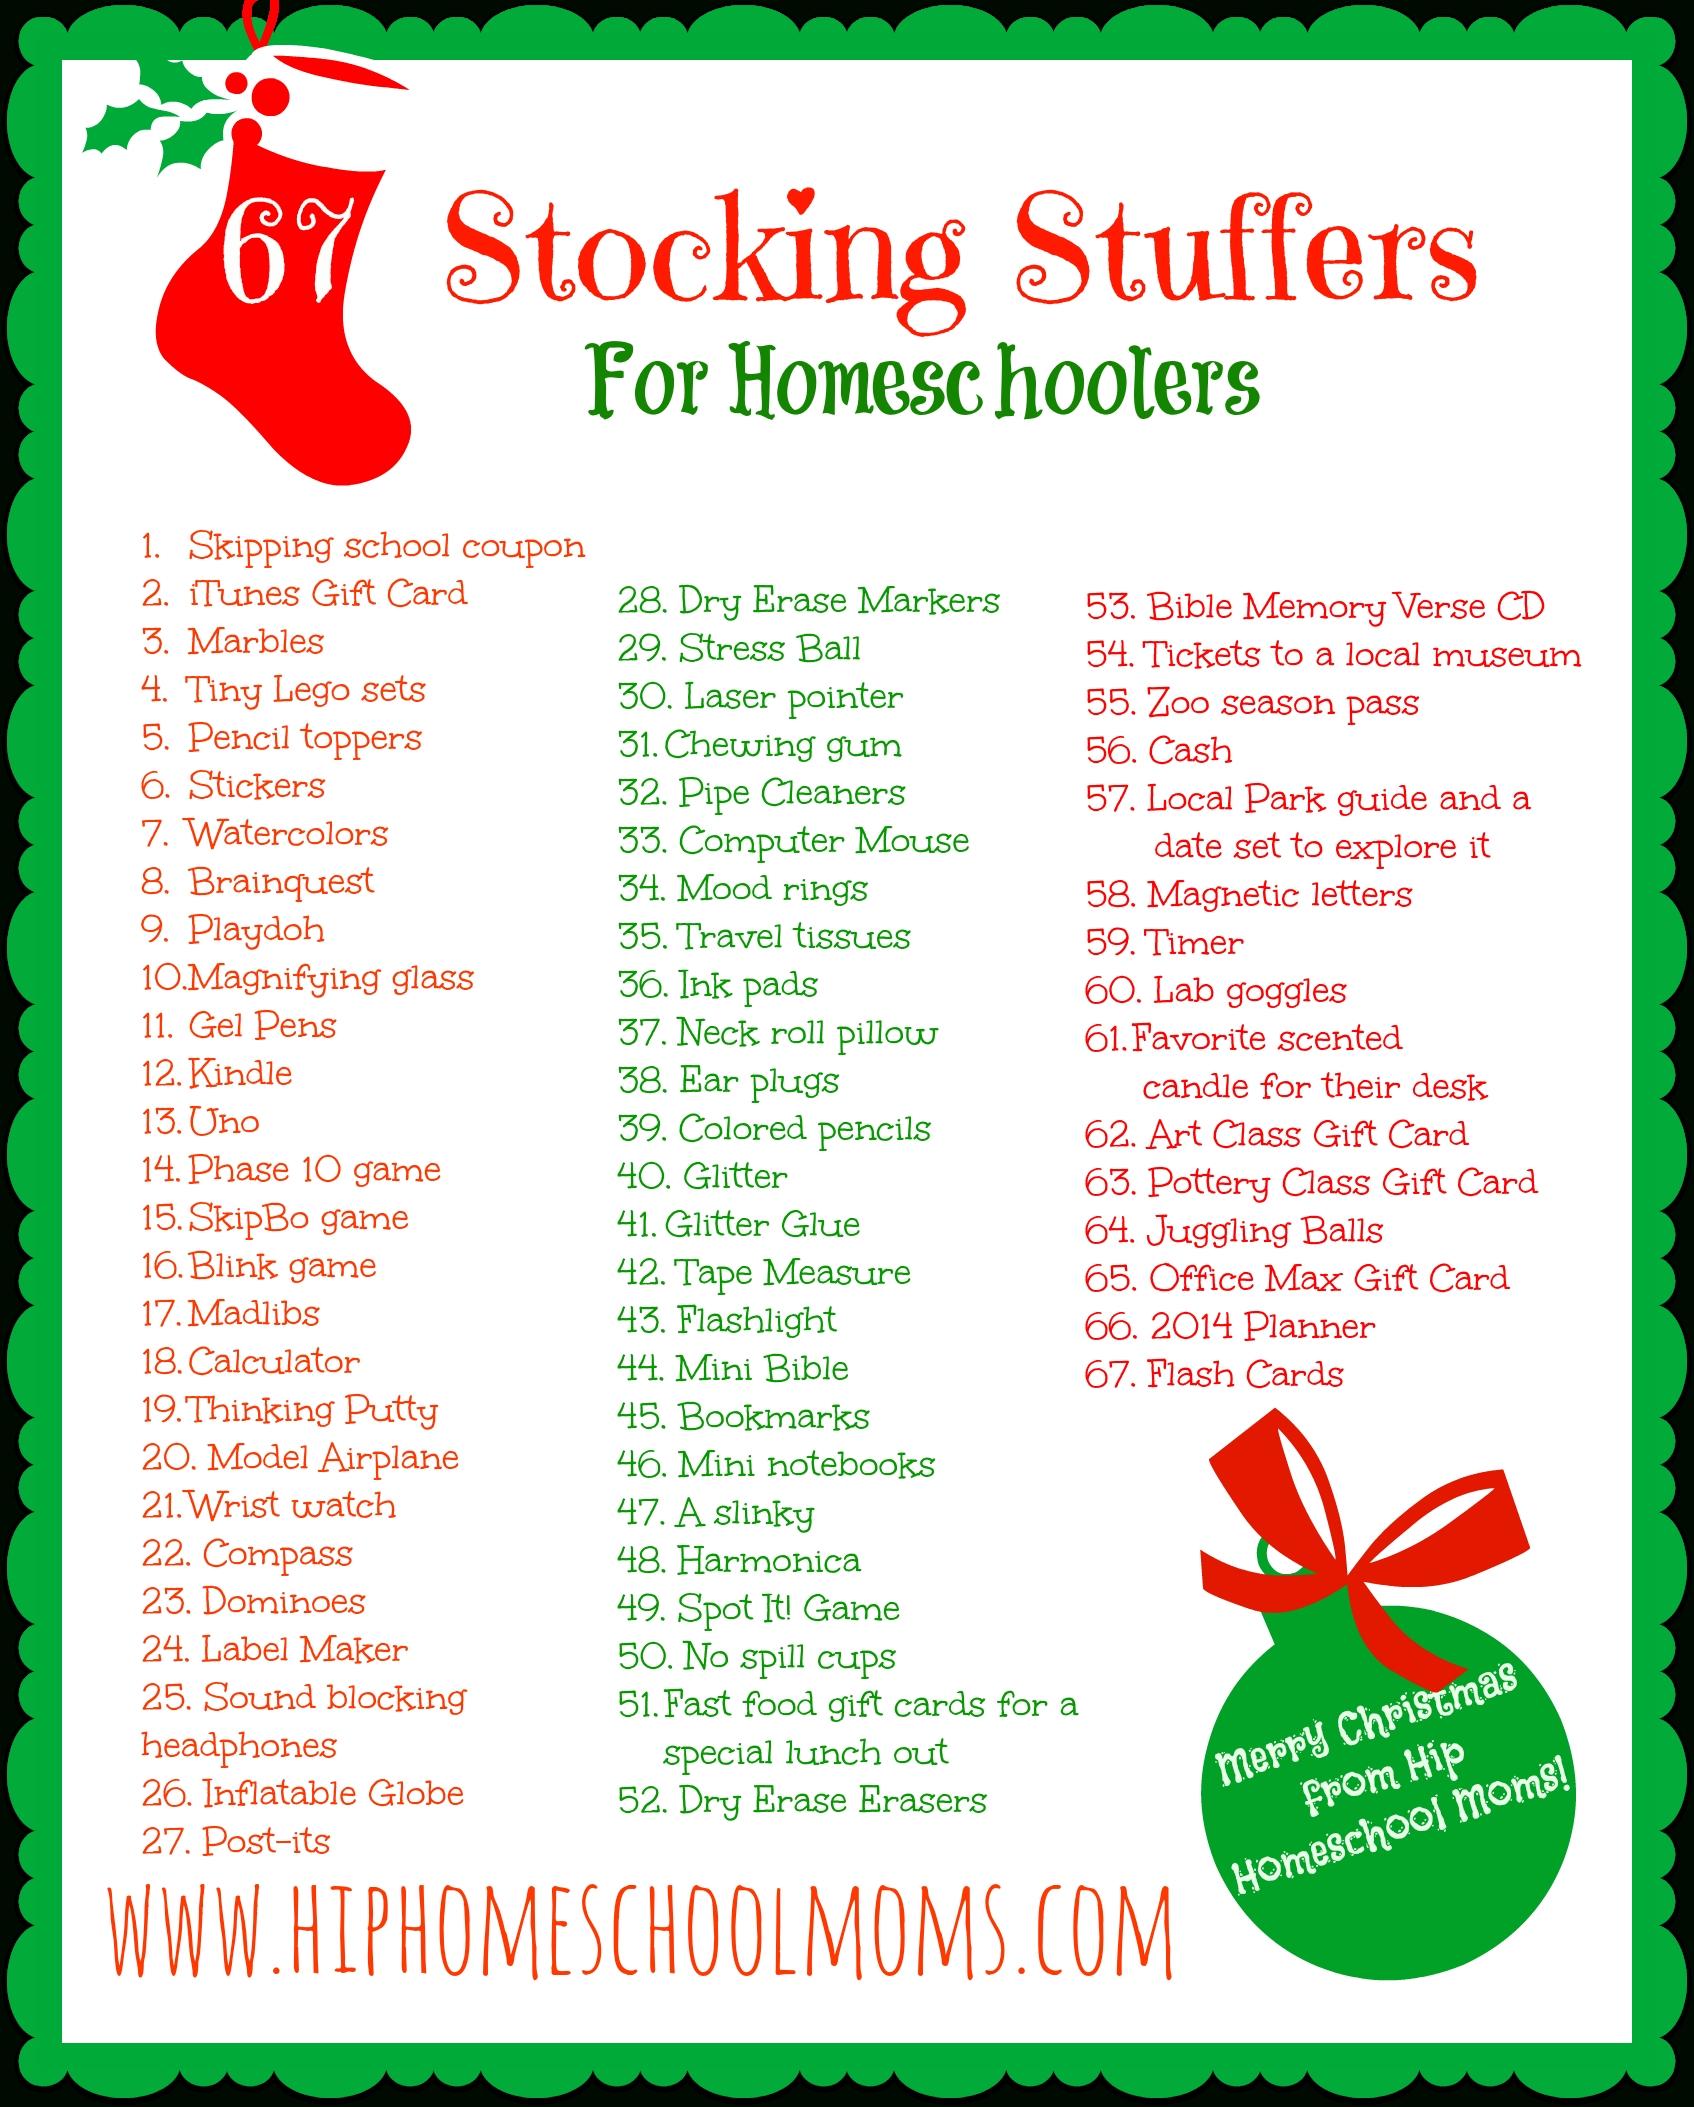 10 Stunning Stocking Stuffer Ideas For Women printable homeschool stocking stuffer ideas hip homeschool moms 3 2021